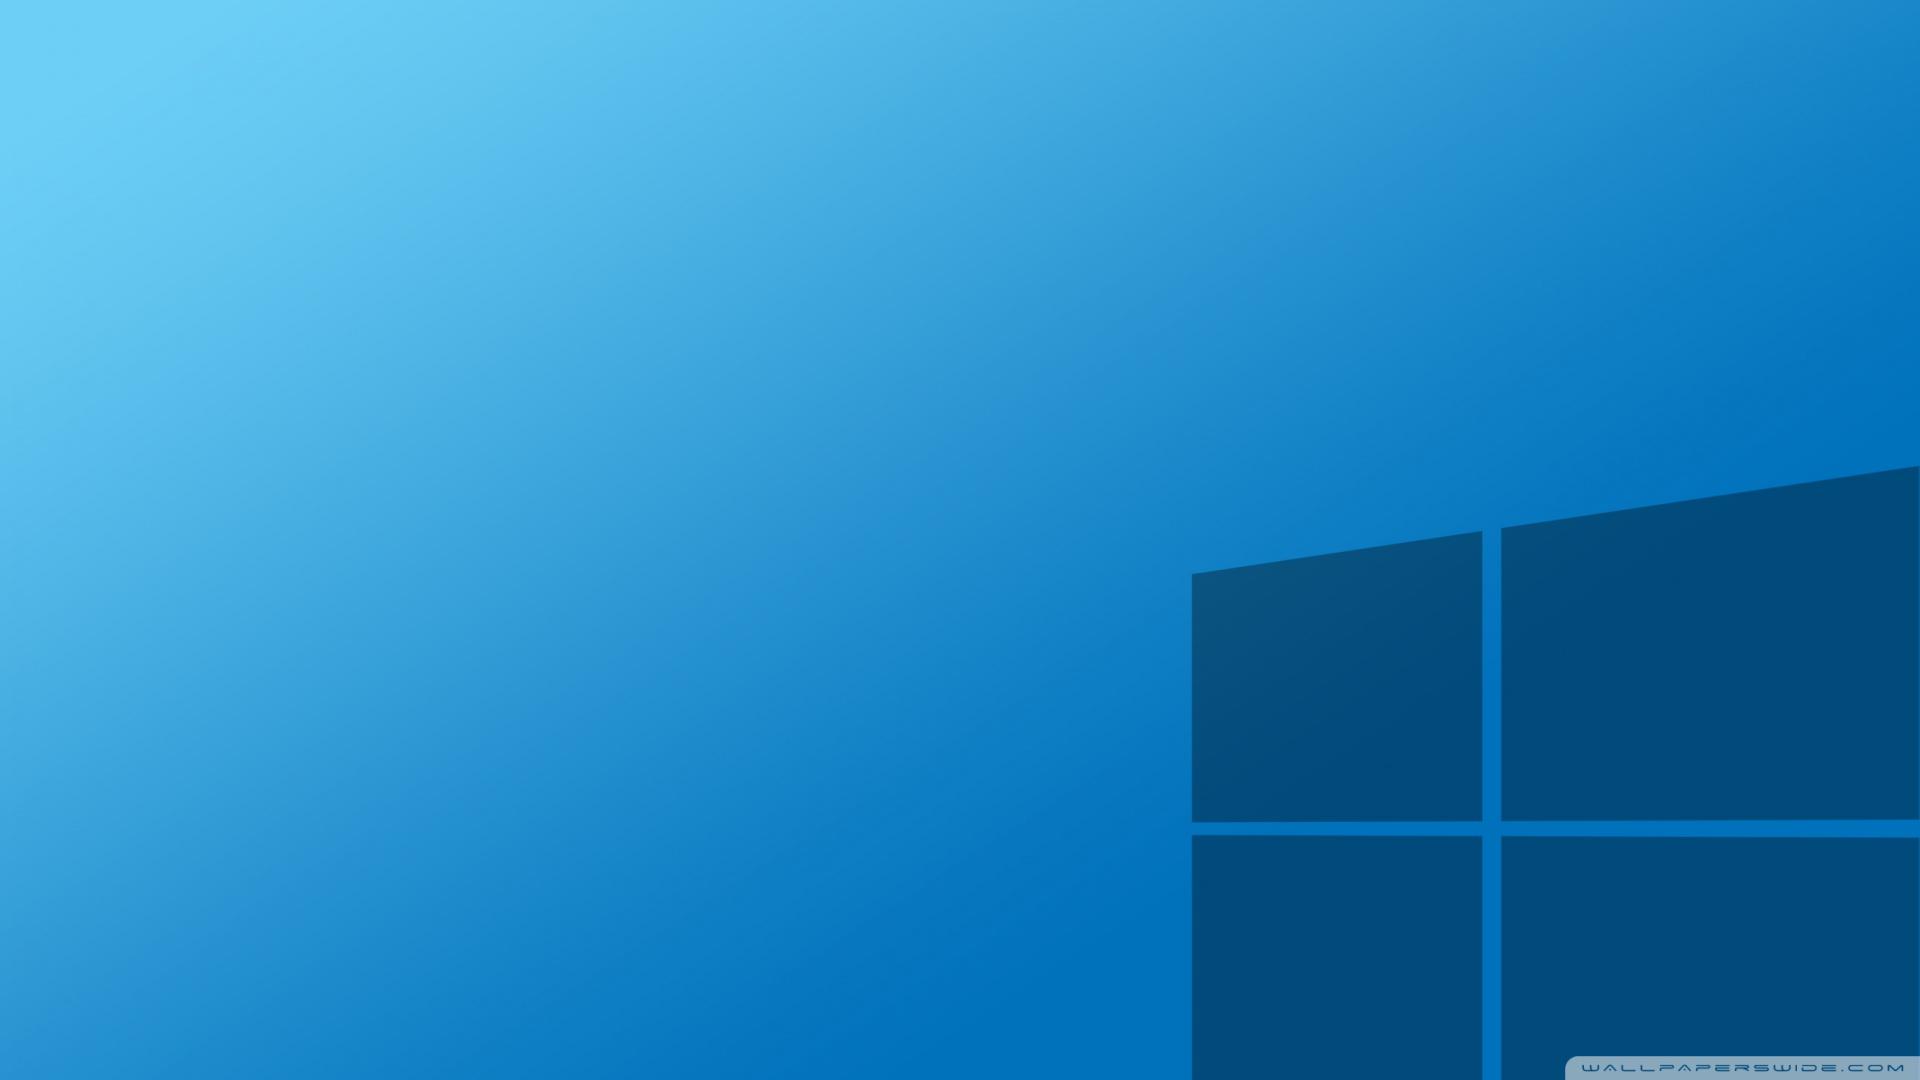 Best Windows 10 Wallpapers HD 1080p Tech 63 1920x1080